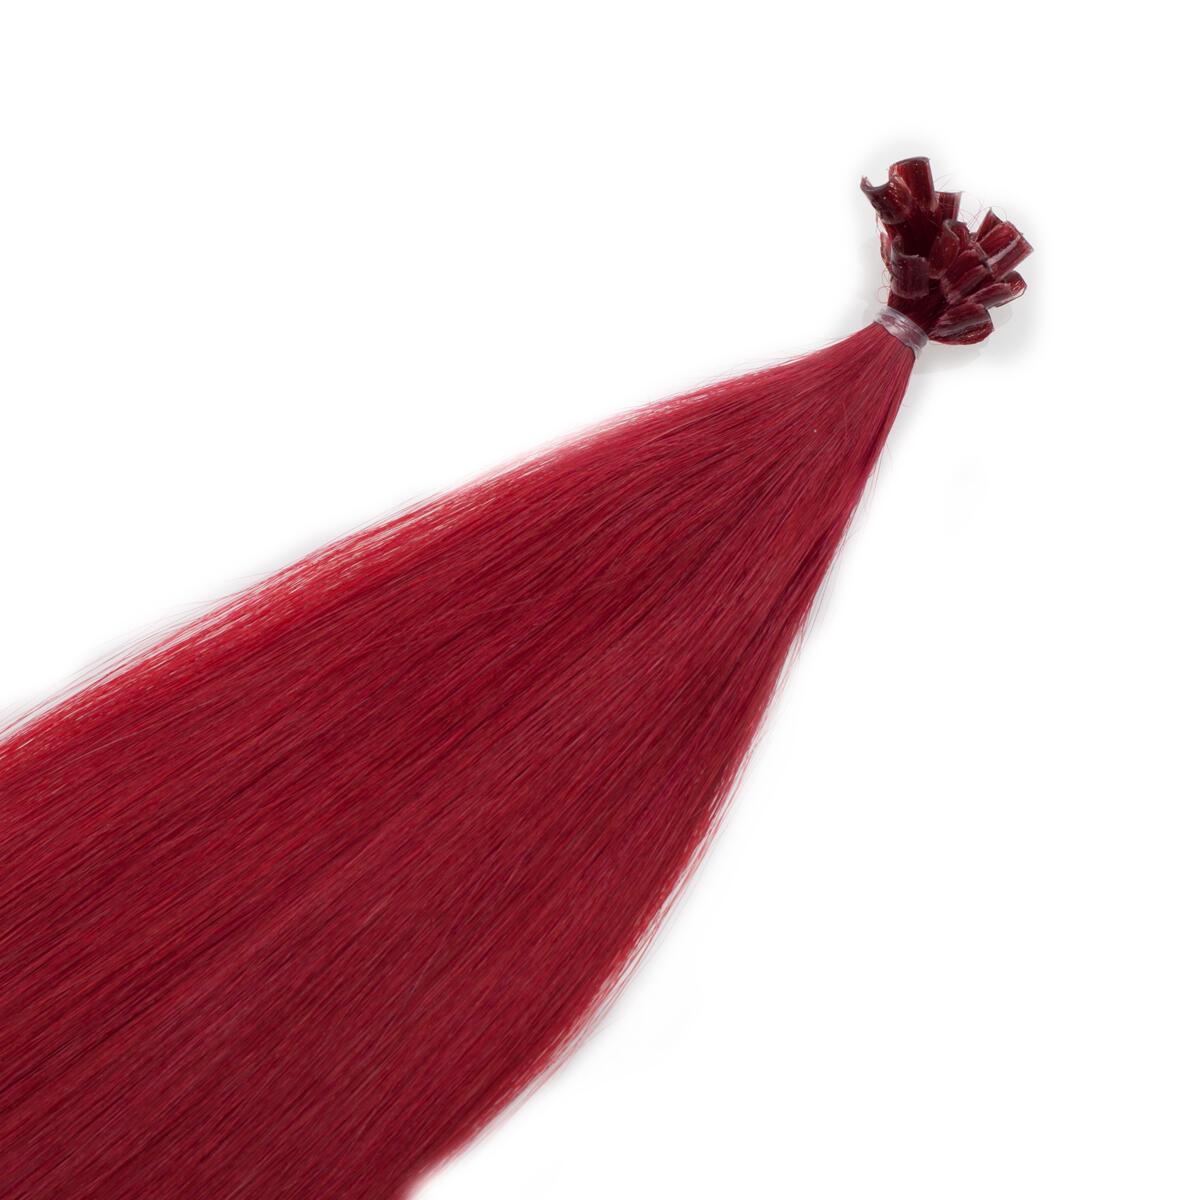 Nail Hair Original 6.9 Rubin Red 50 cm